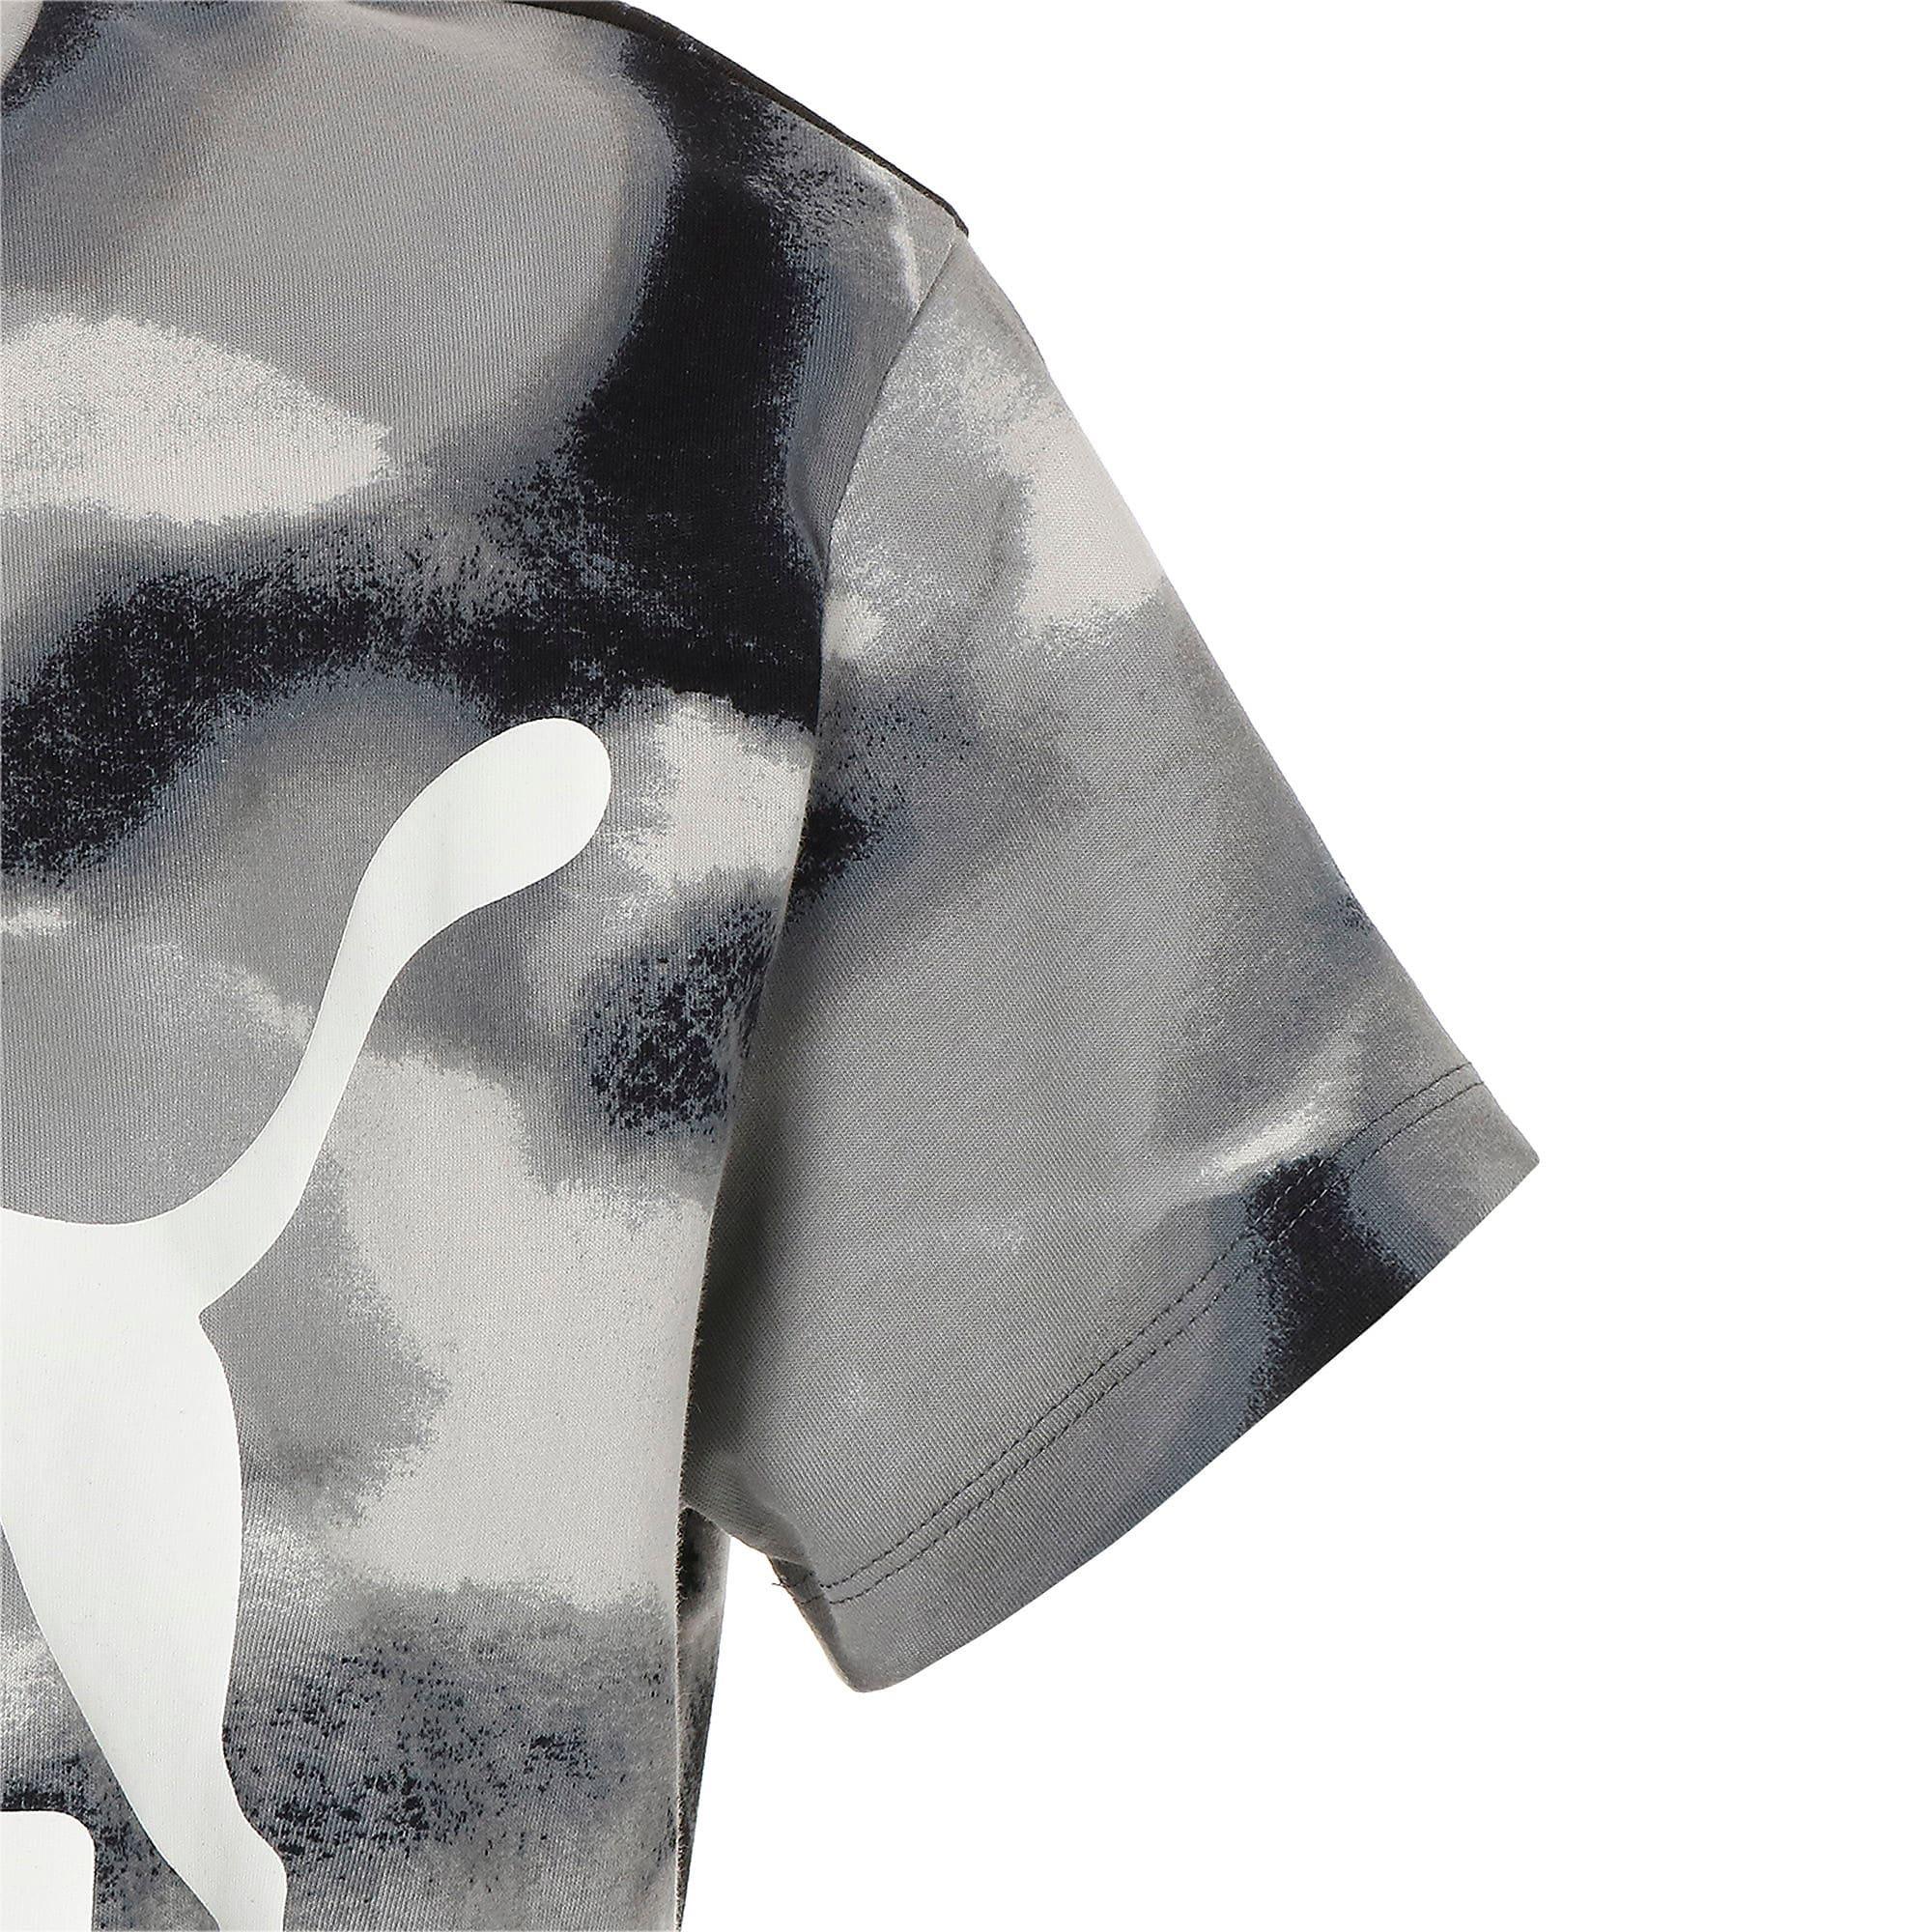 Thumbnail 5 of CLOUD パック ウィメンズ AOP Tシャツ, Puma Black, medium-JPN